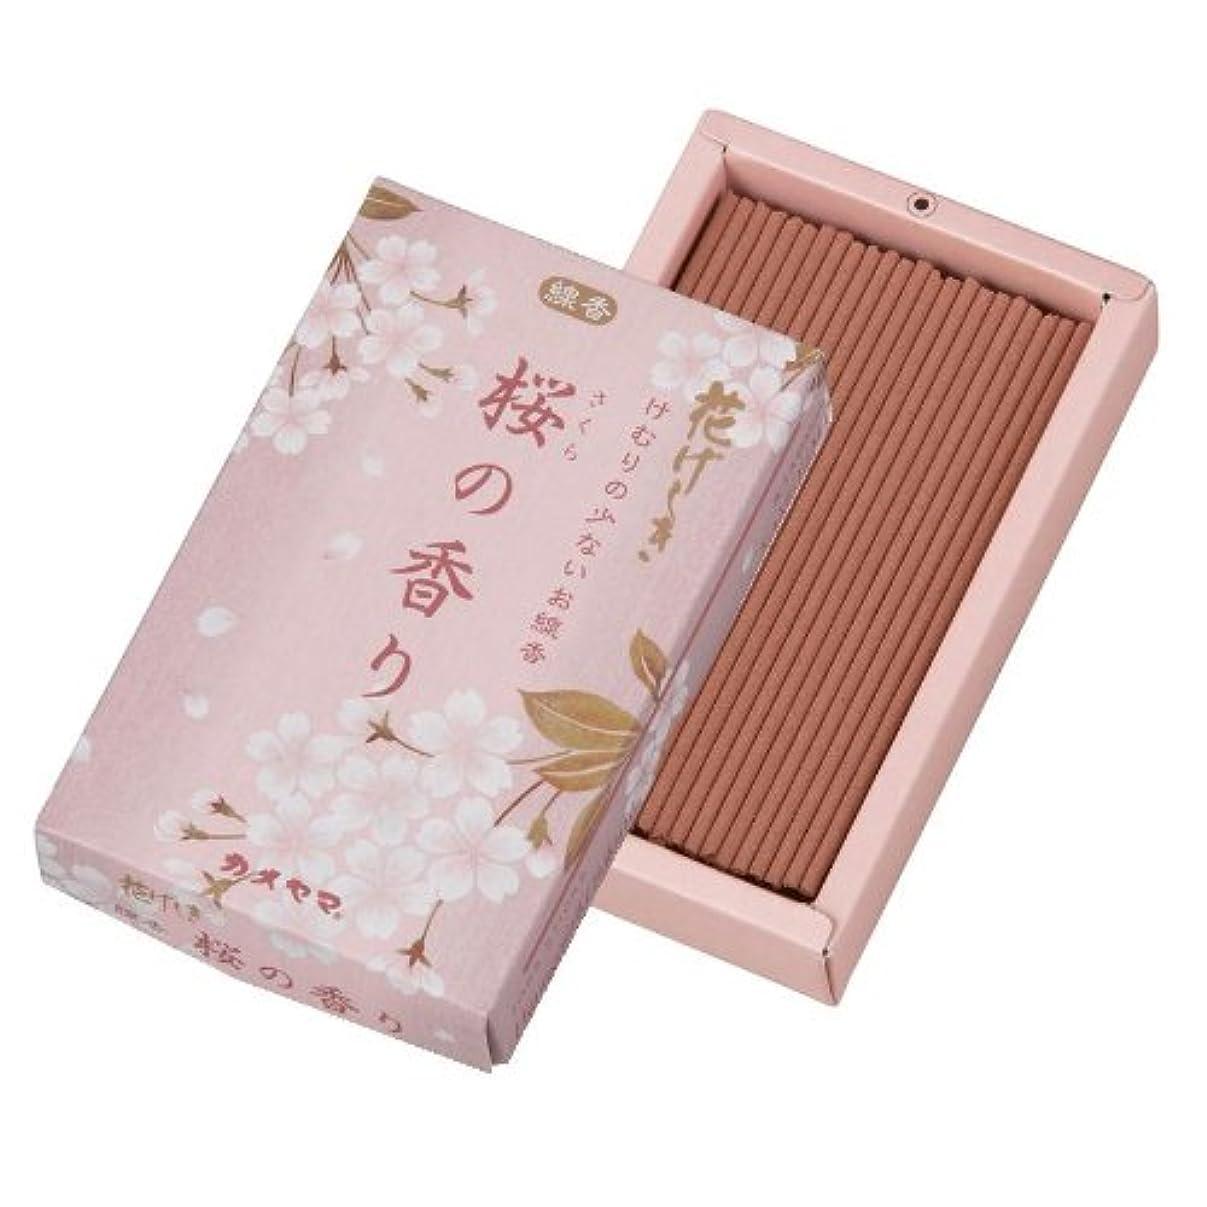 項目のホスト仲介者花げしき 桜の香りミニ寸 50g